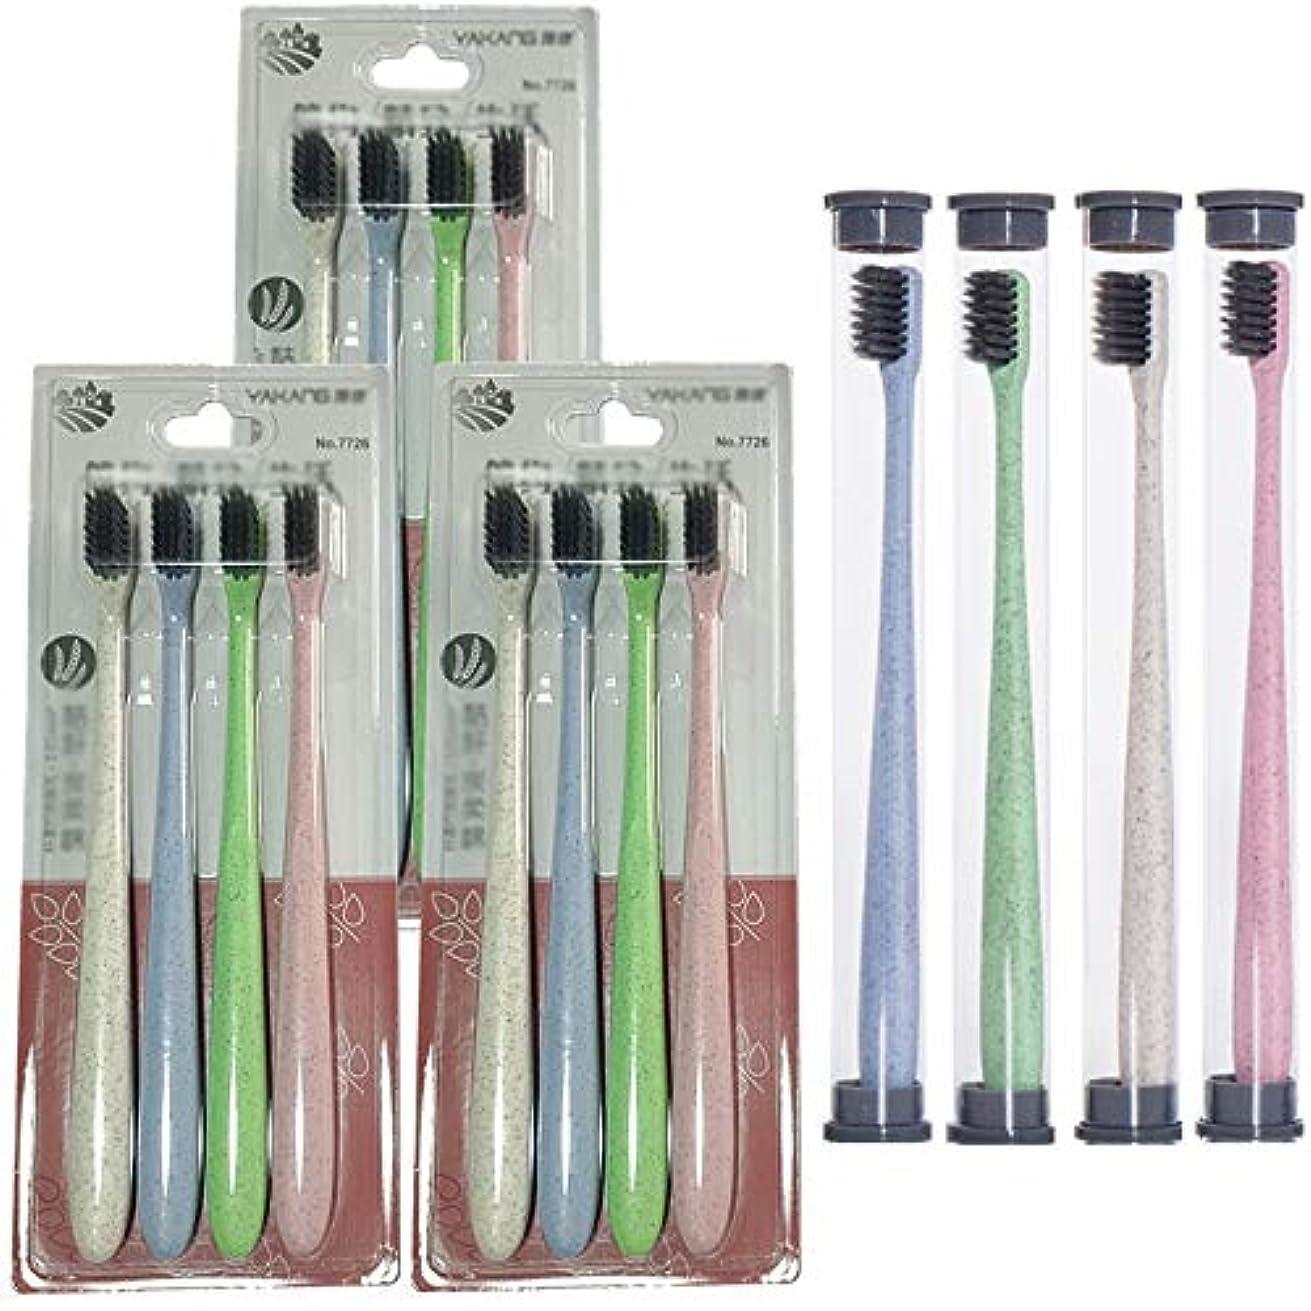 リズム迅速政府歯ブラシ 16すべての大人のための適切なスティック歯ブラシ、歯ブラシバルク、歯ブラシソフト、携帯用歯ブラシ、 KHL (色 : 16 packs)